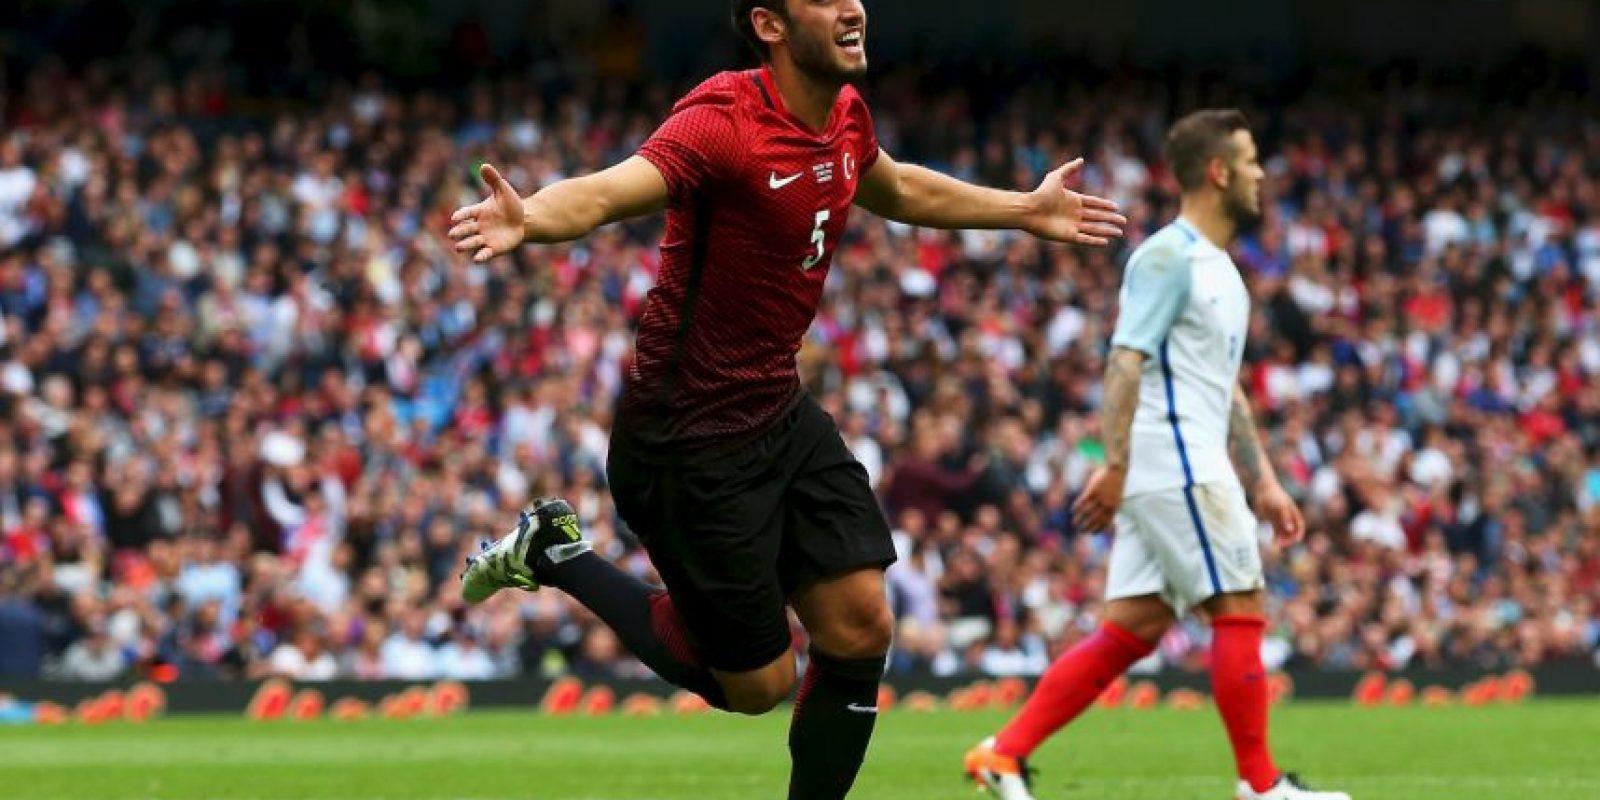 A sus 22 años, el turco ya no es una promesa y parece ser un jugador consolidado. Con un puesto ganado en Bayer Leverkusen y los tres goles convertidos, el delantero tendrá que demostrar en la Eurocopa la experiencia que ha sumado con las Aspirinas. Foto:Getty Images